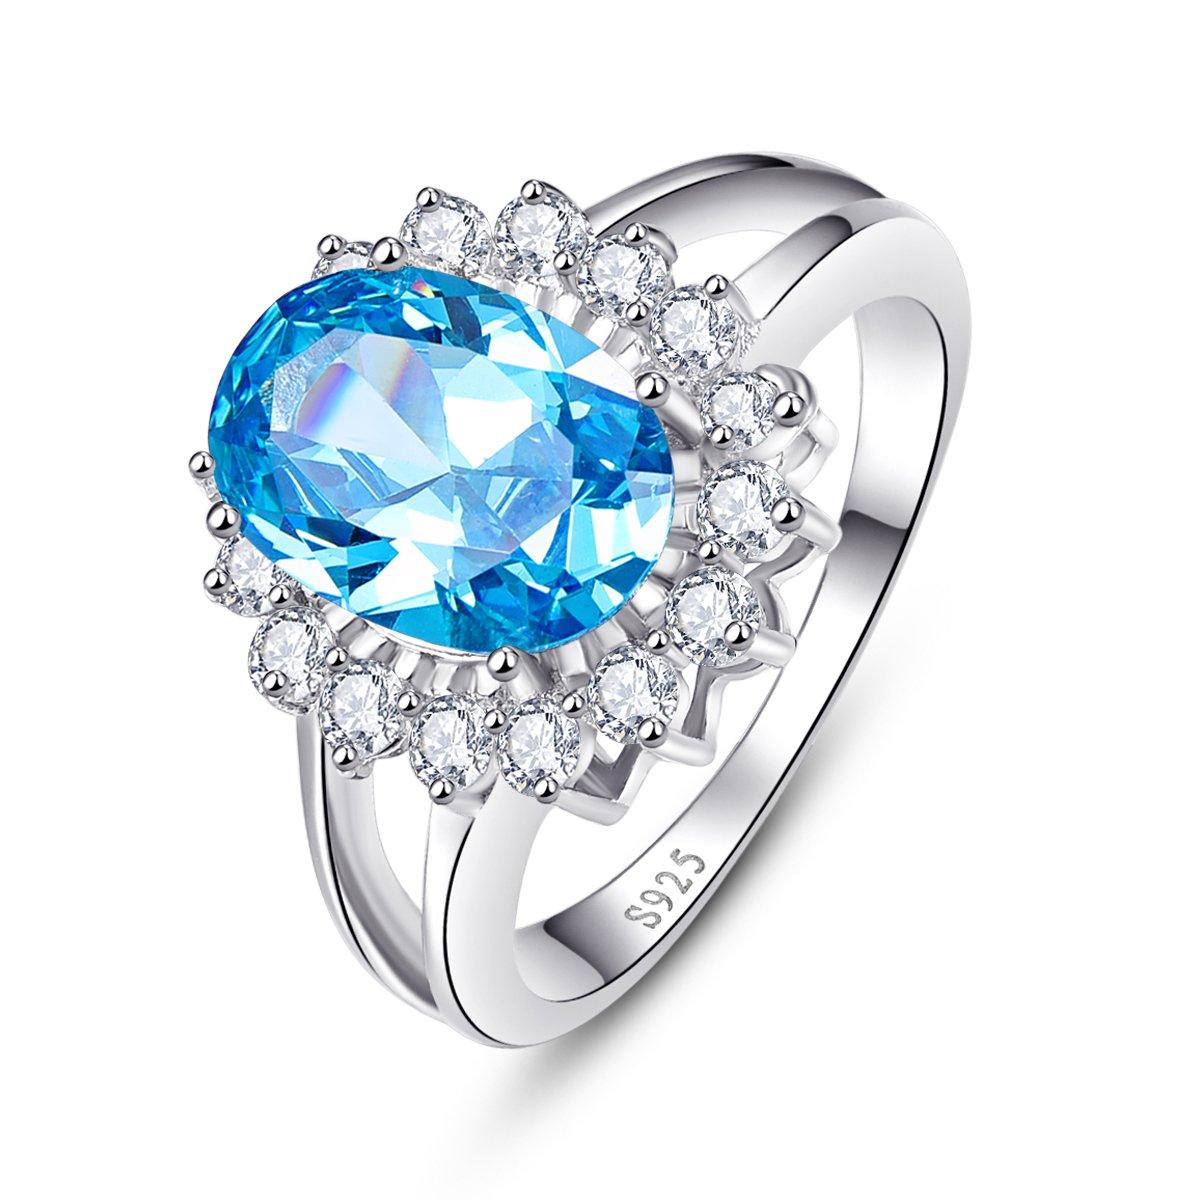 Bonlavie Bague de fiançailles en argent sterling 925 avec topaze bleu suisse 4,95 ct Kate Middleton Princesse Diana